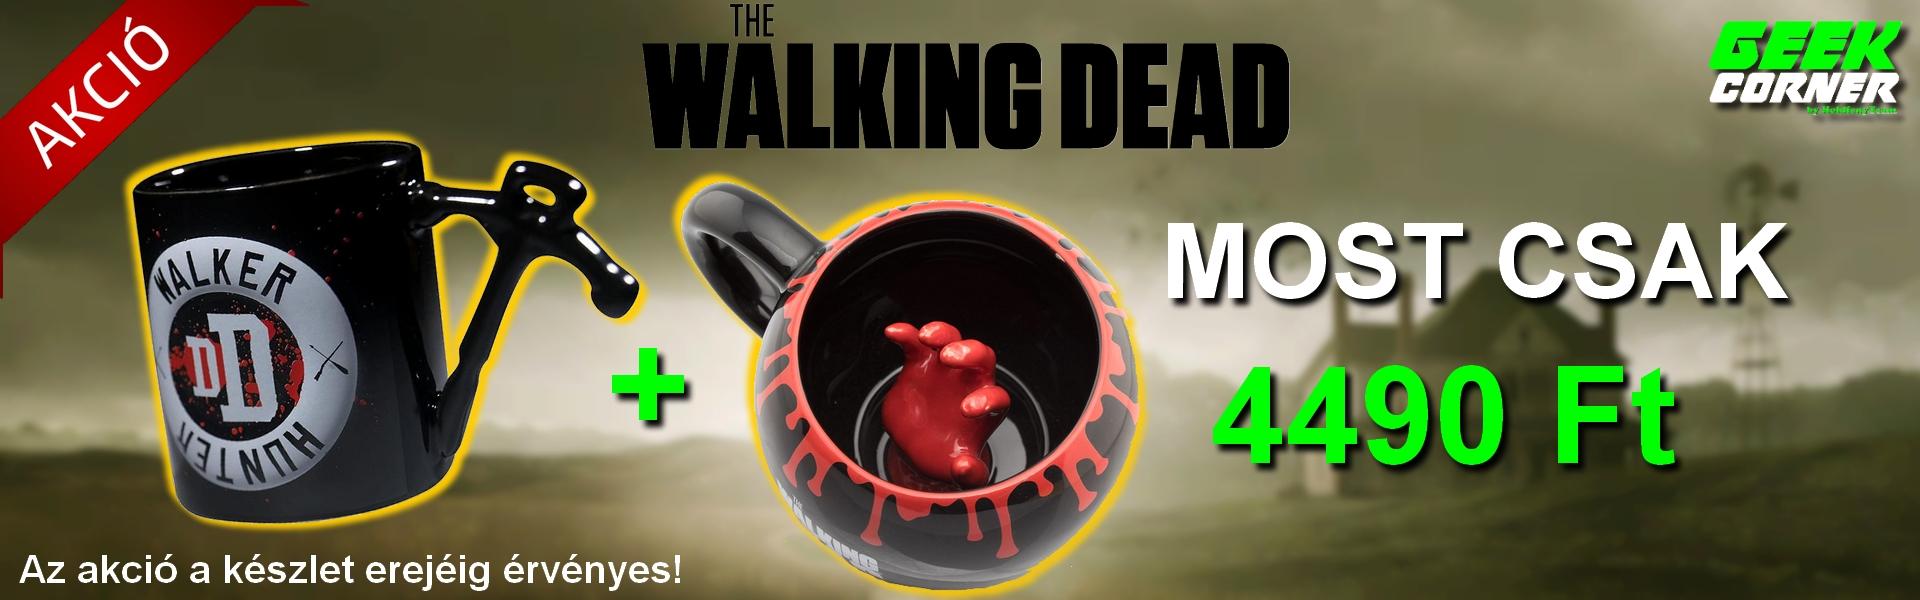 Walking dead akció